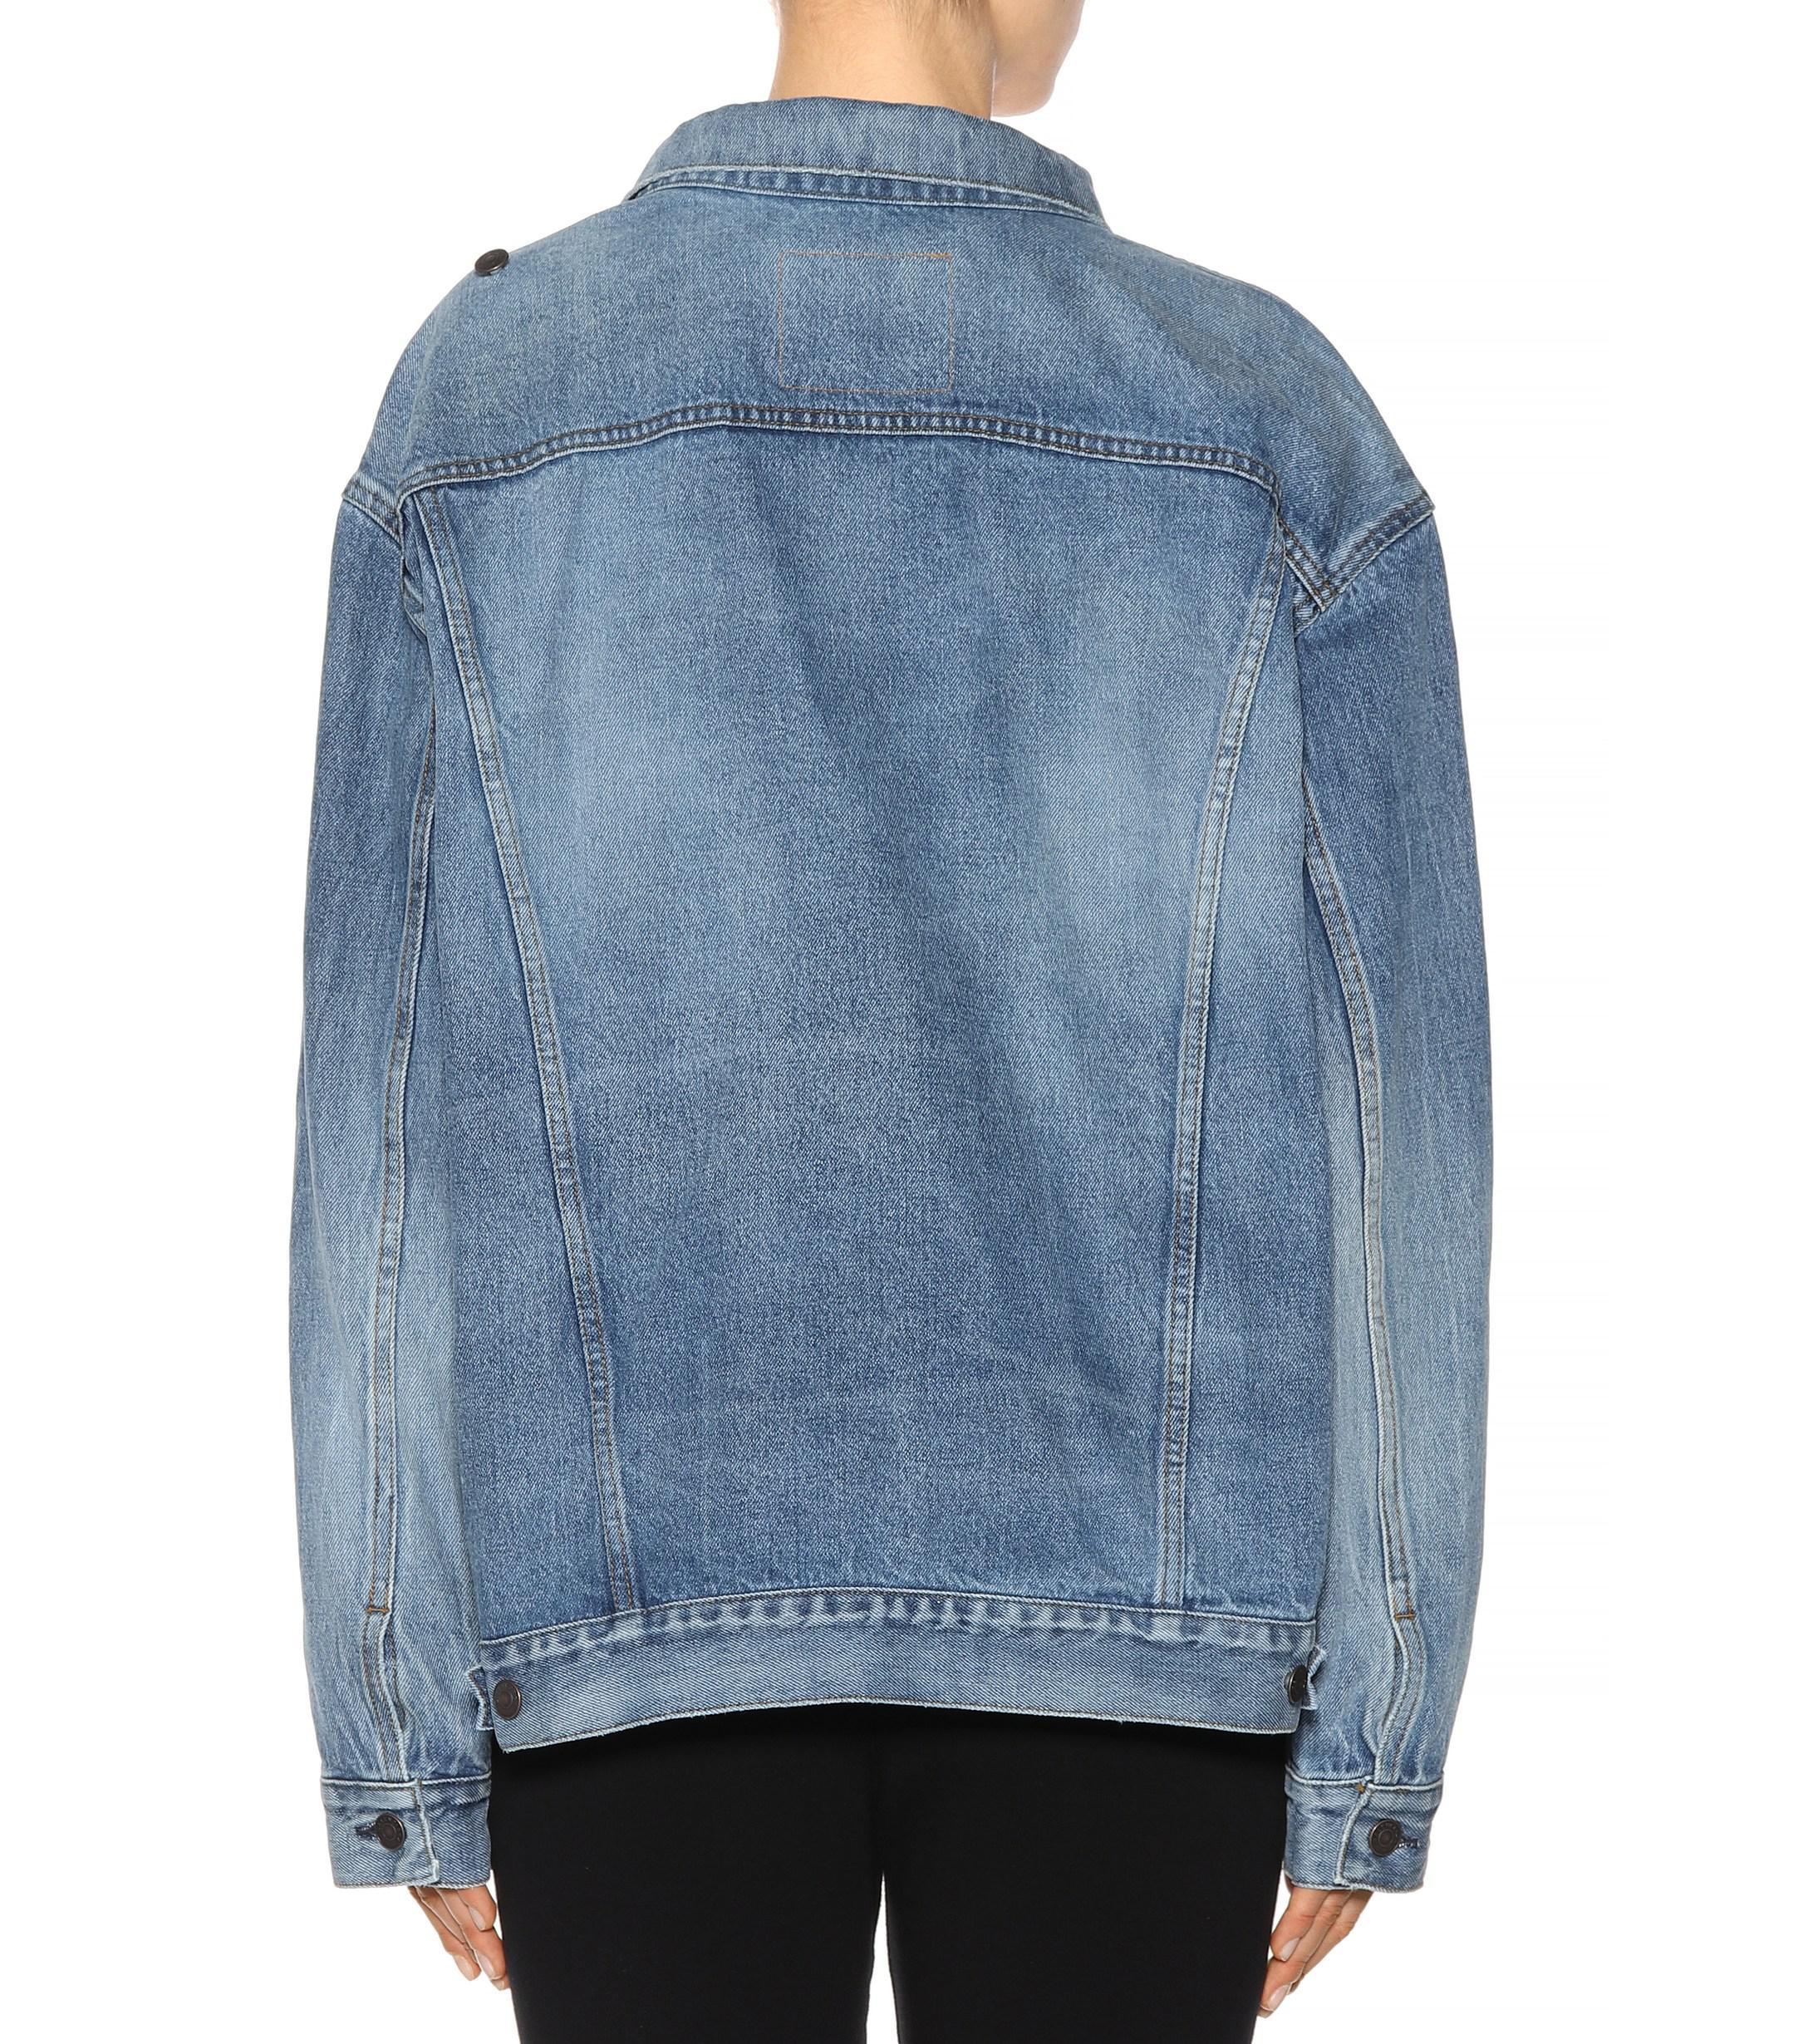 d627f0eca1294a Balenciaga Denim Jacket in Blue - Lyst